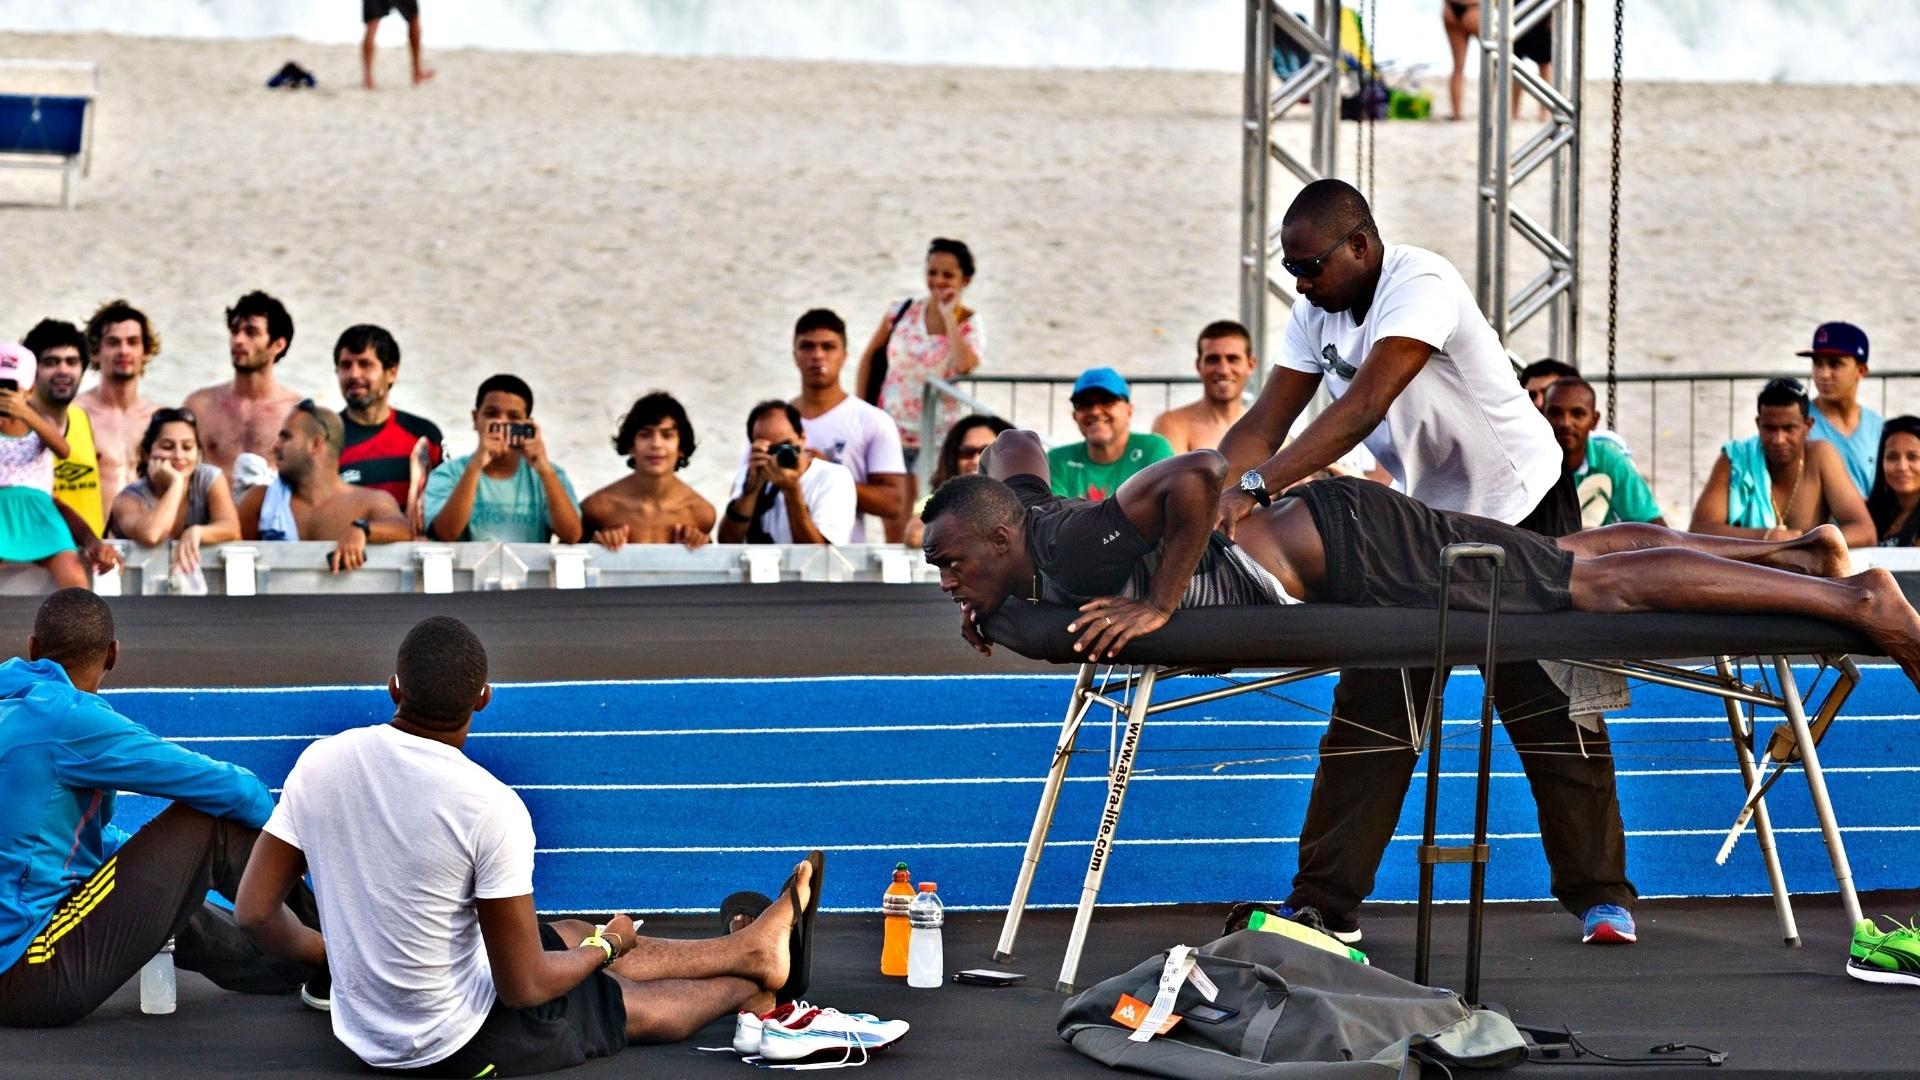 29.03.2013 - Bolt recebe massagem antes do início do treino no Rio de Janeiro